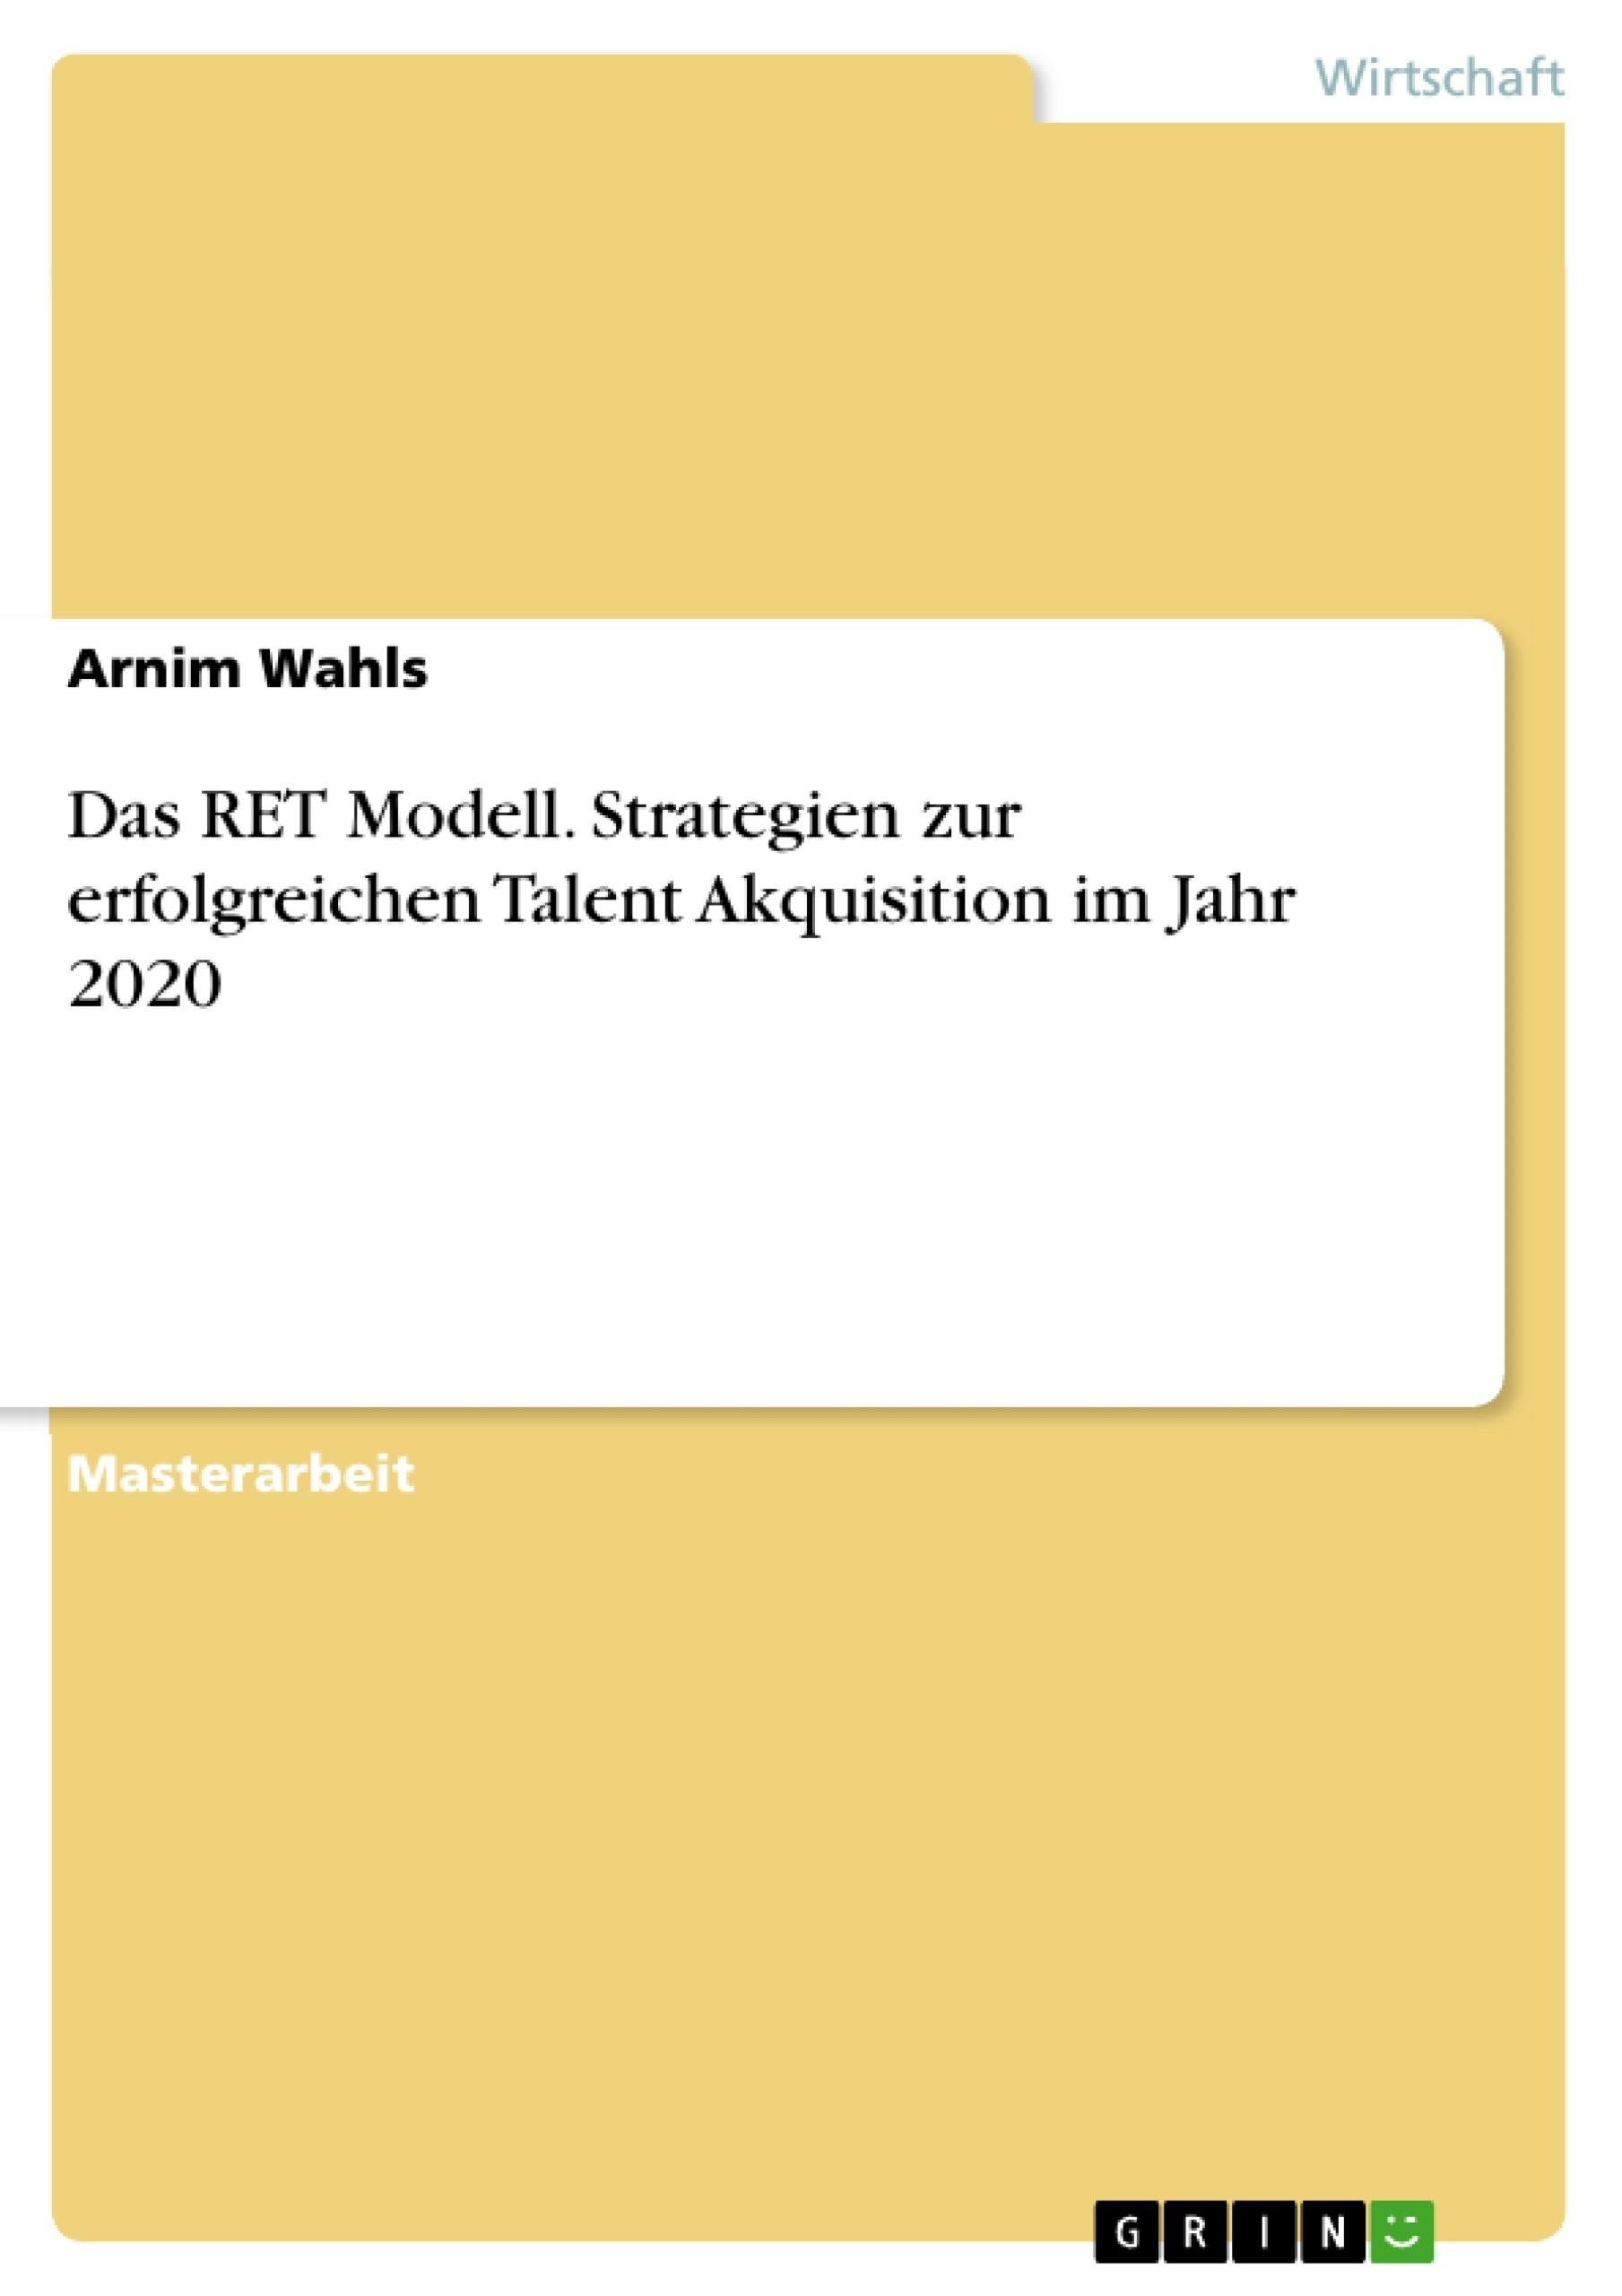 Titel: Das RET Modell. Strategien zur erfolgreichen Talent Akquisition im Jahr 2020